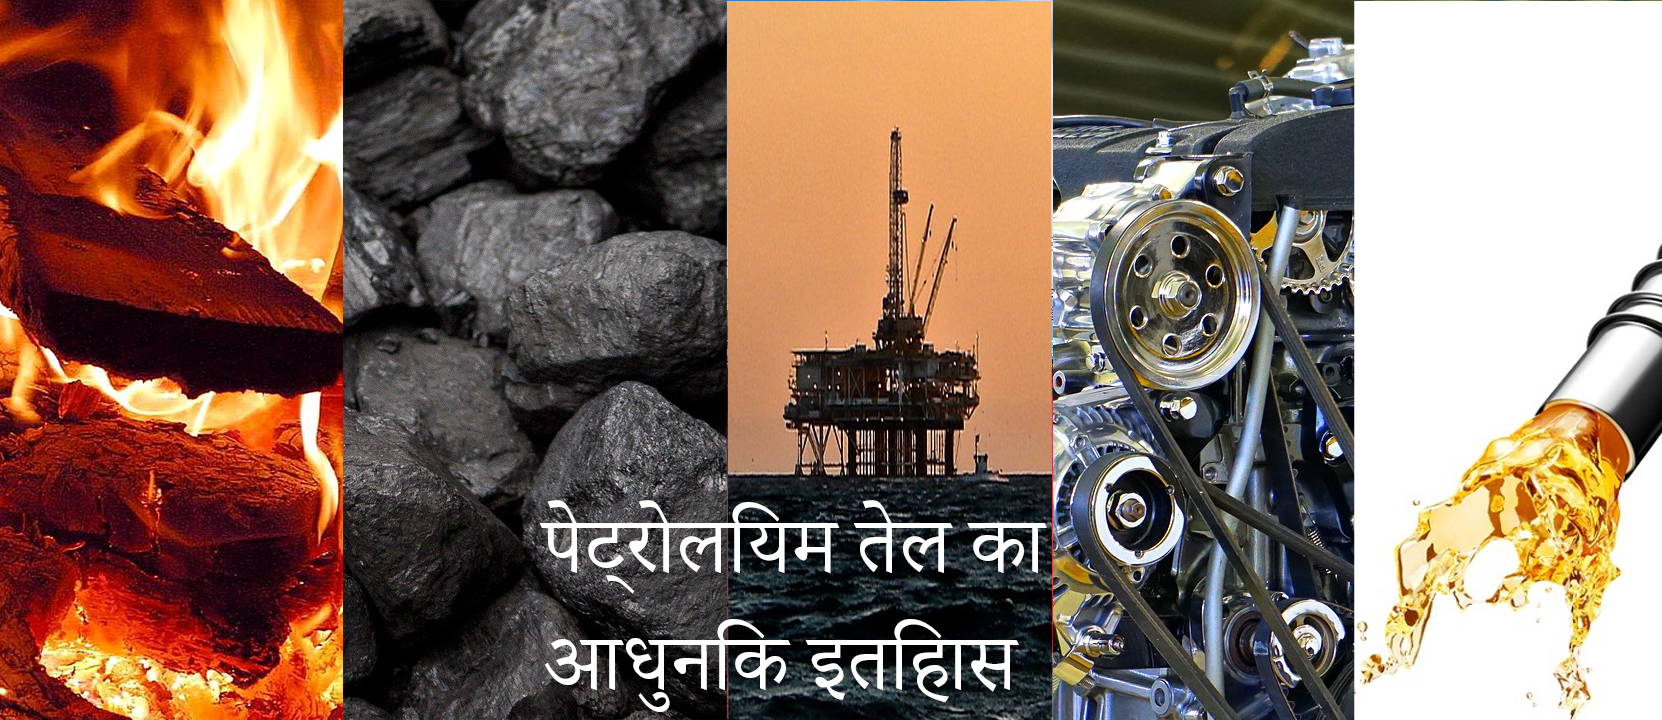 पेट्रोलियम तेल का आधुनिक इतिहास2020